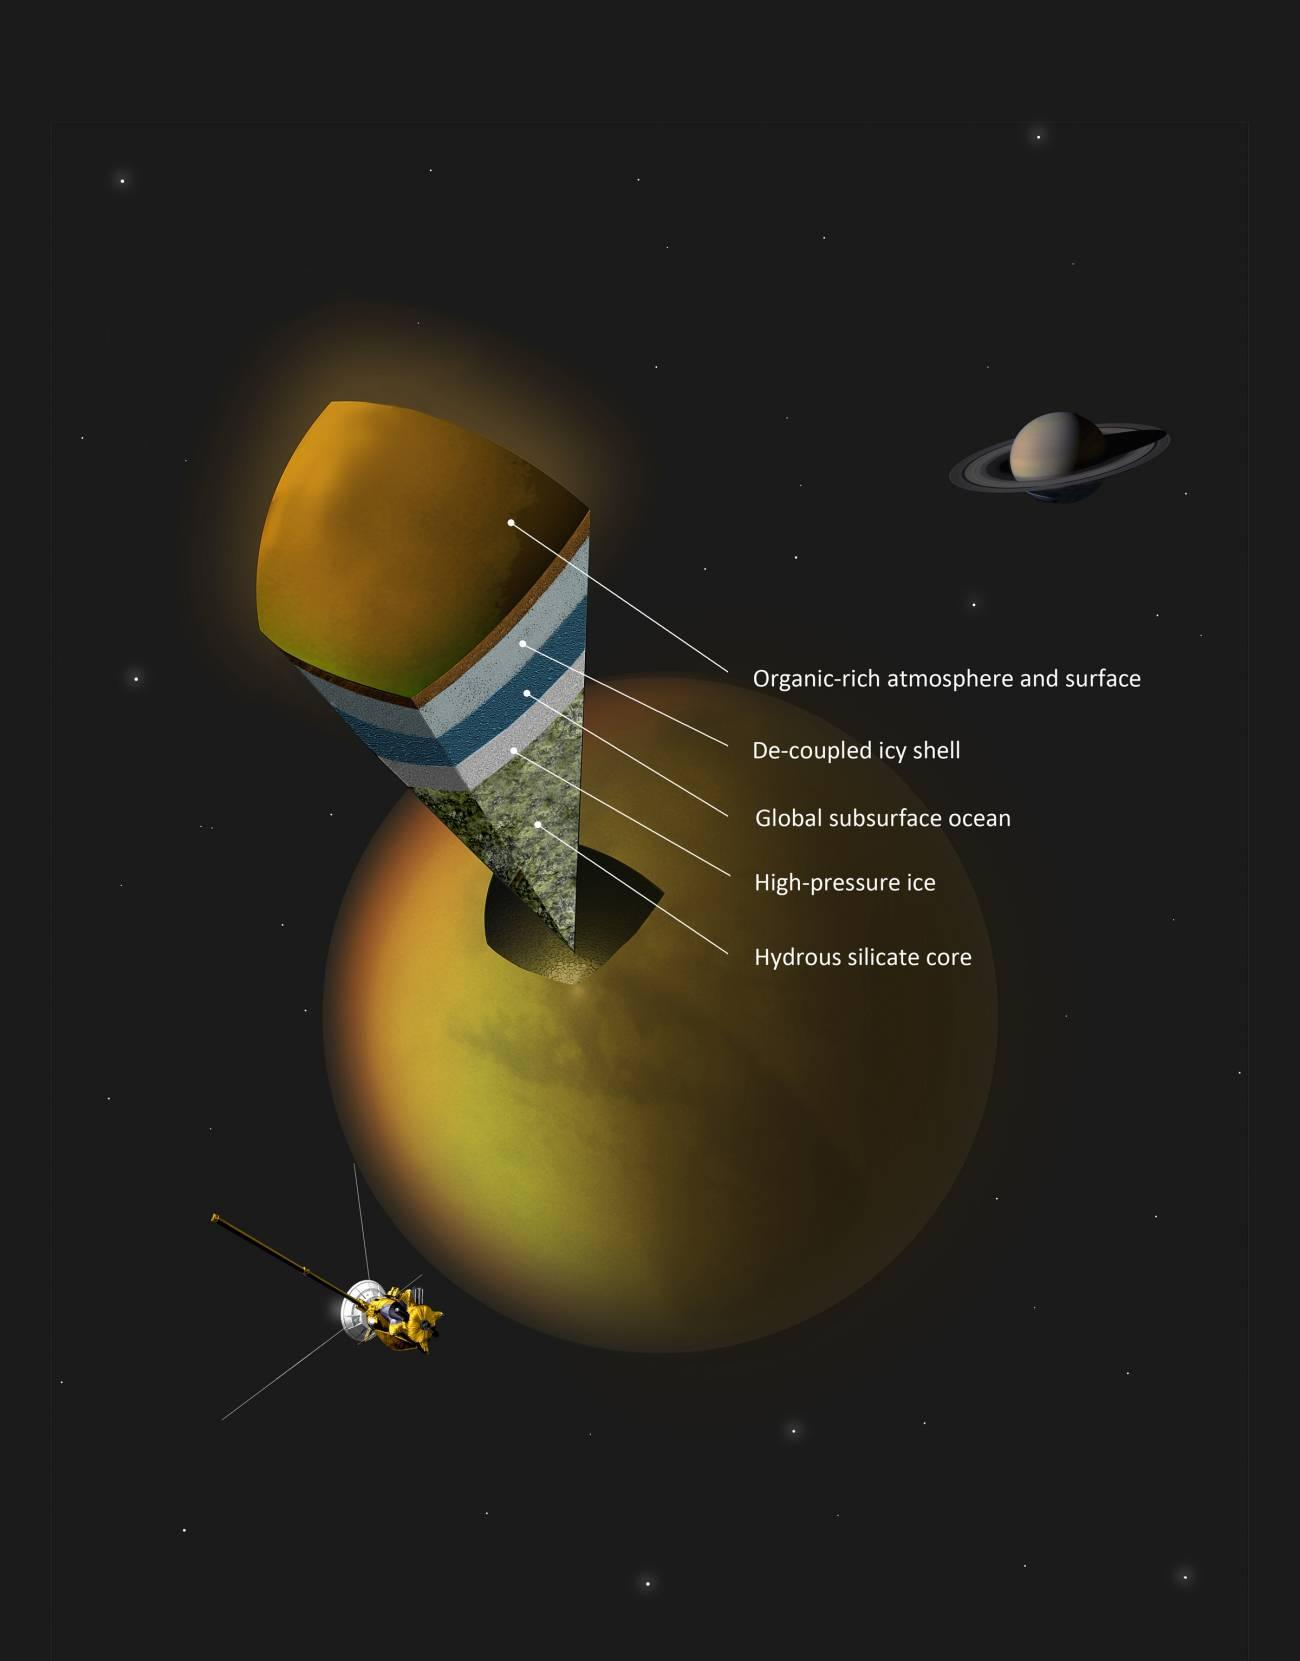 El interior de Titán, según las mediciones gravitacionales de Cassini